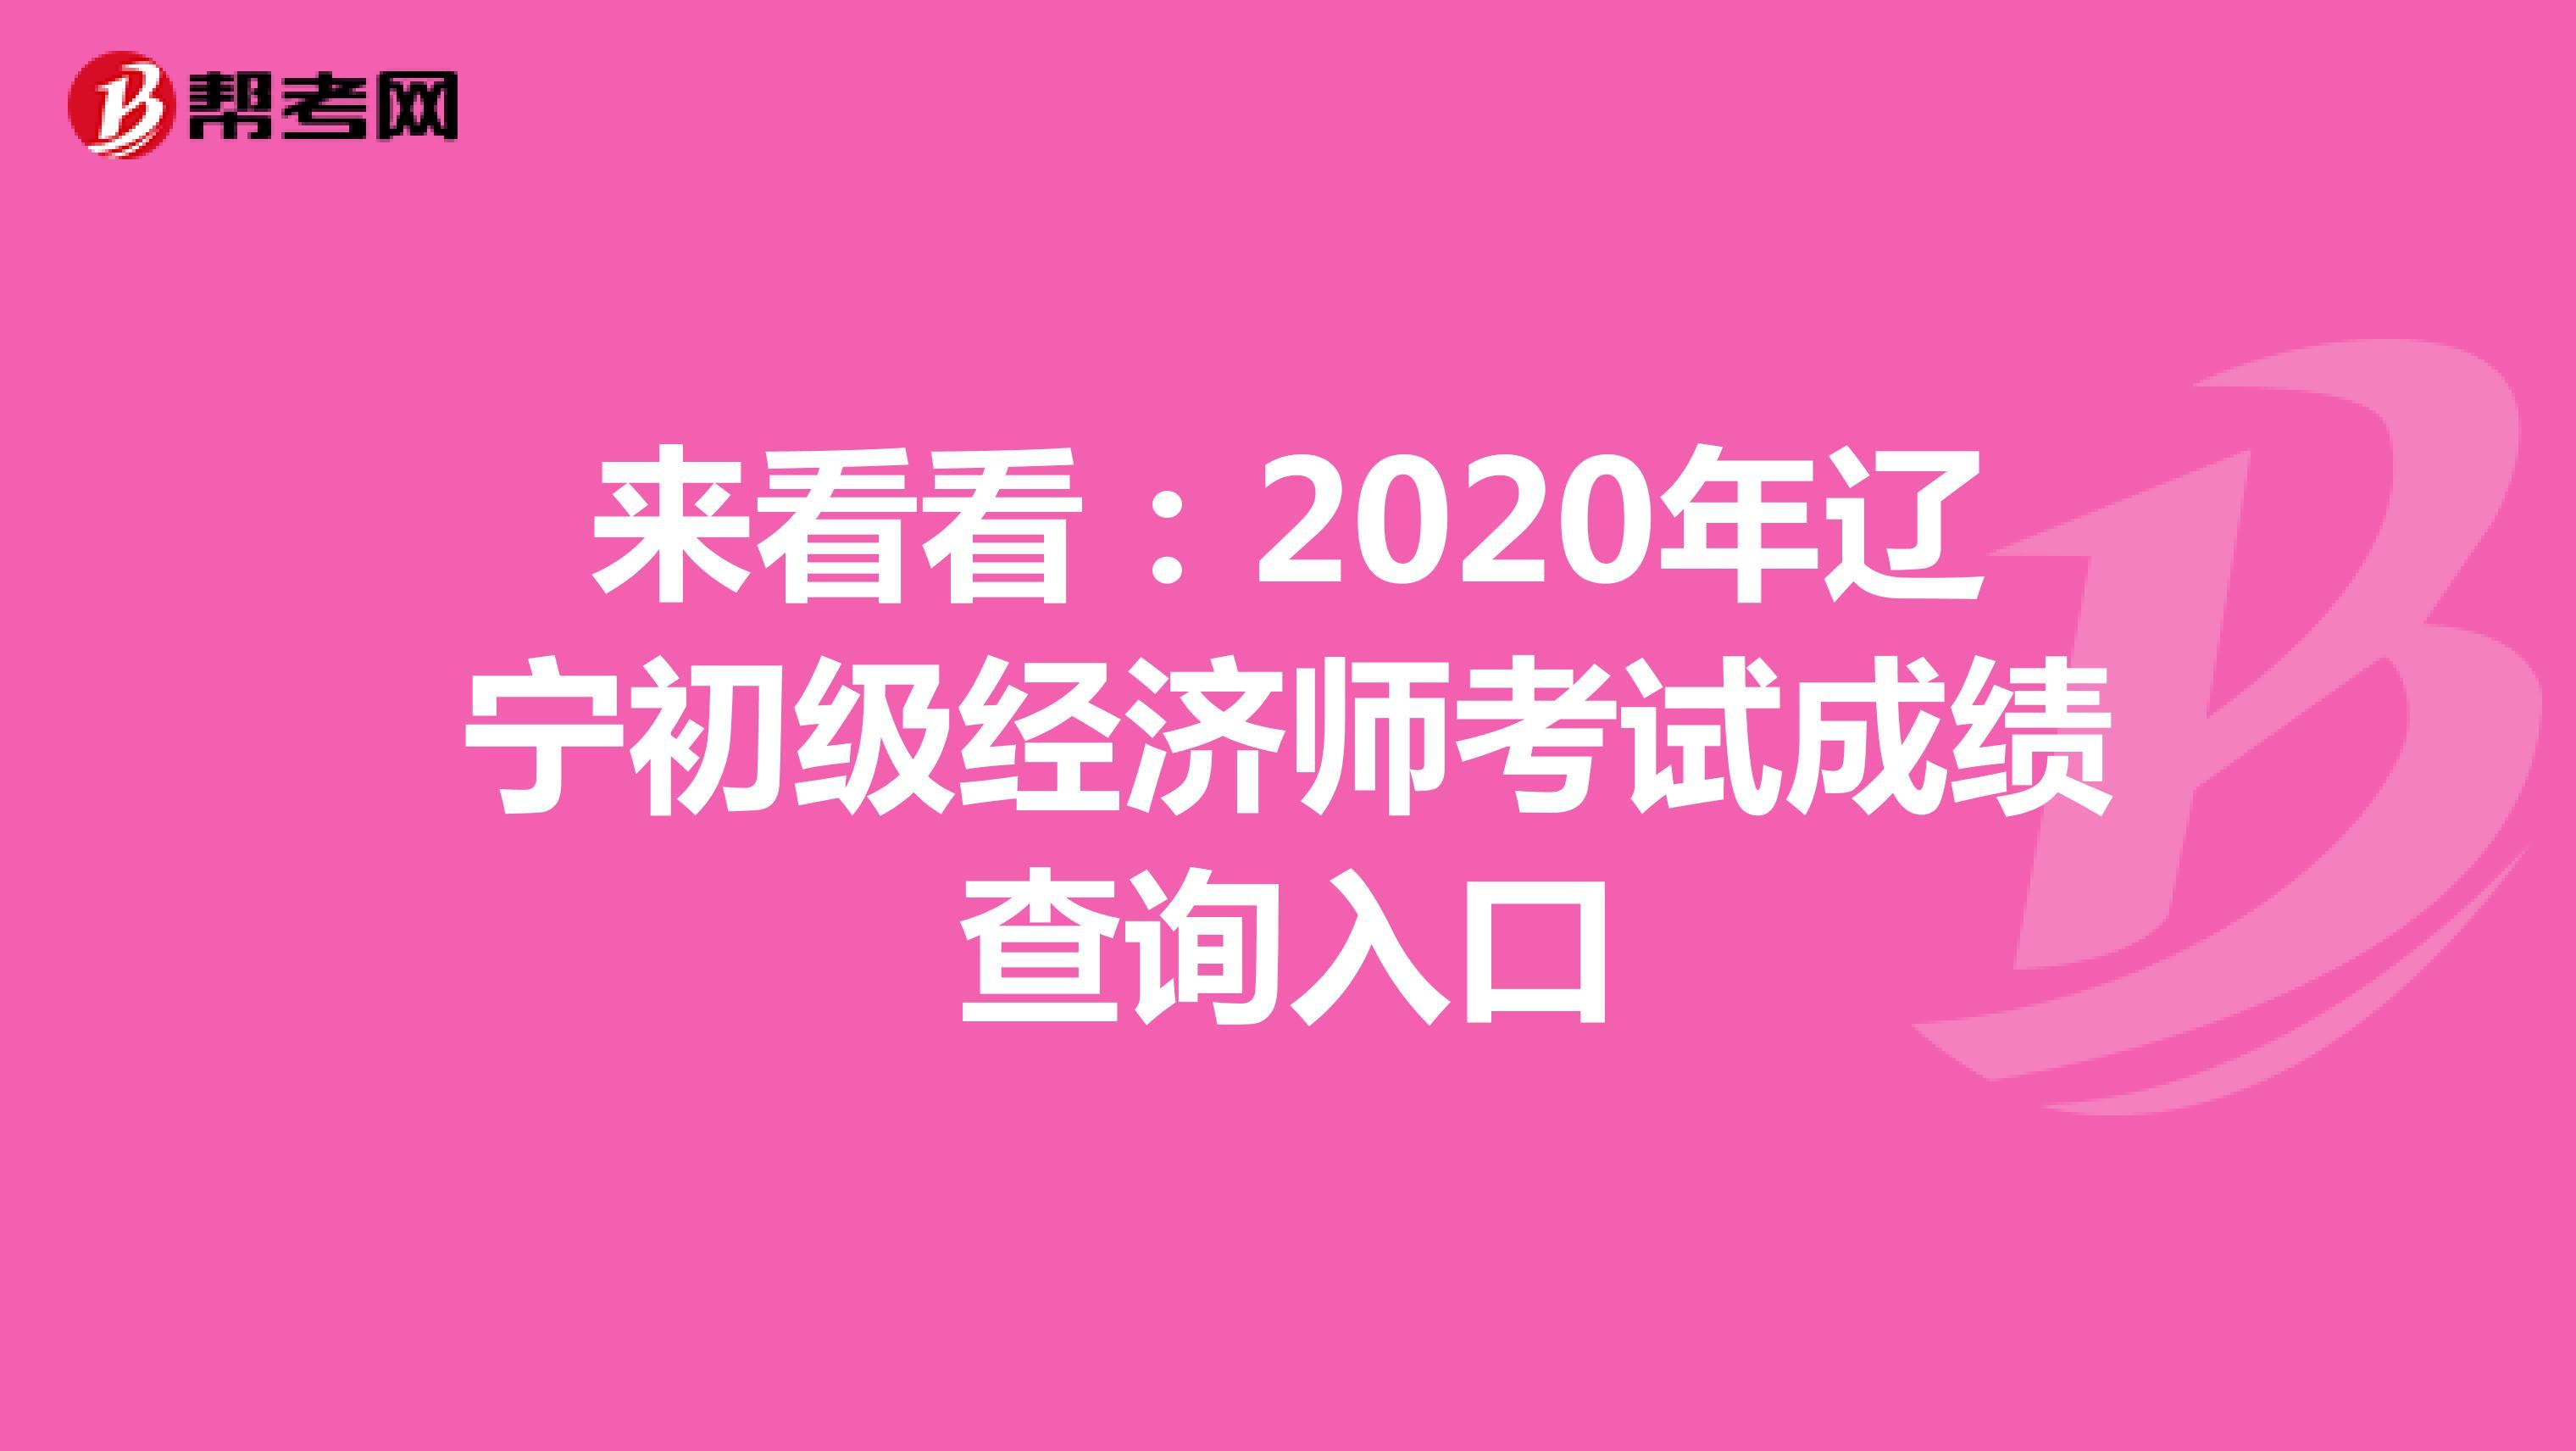 来看看:2020年辽宁初级经济师考试成绩查询入口